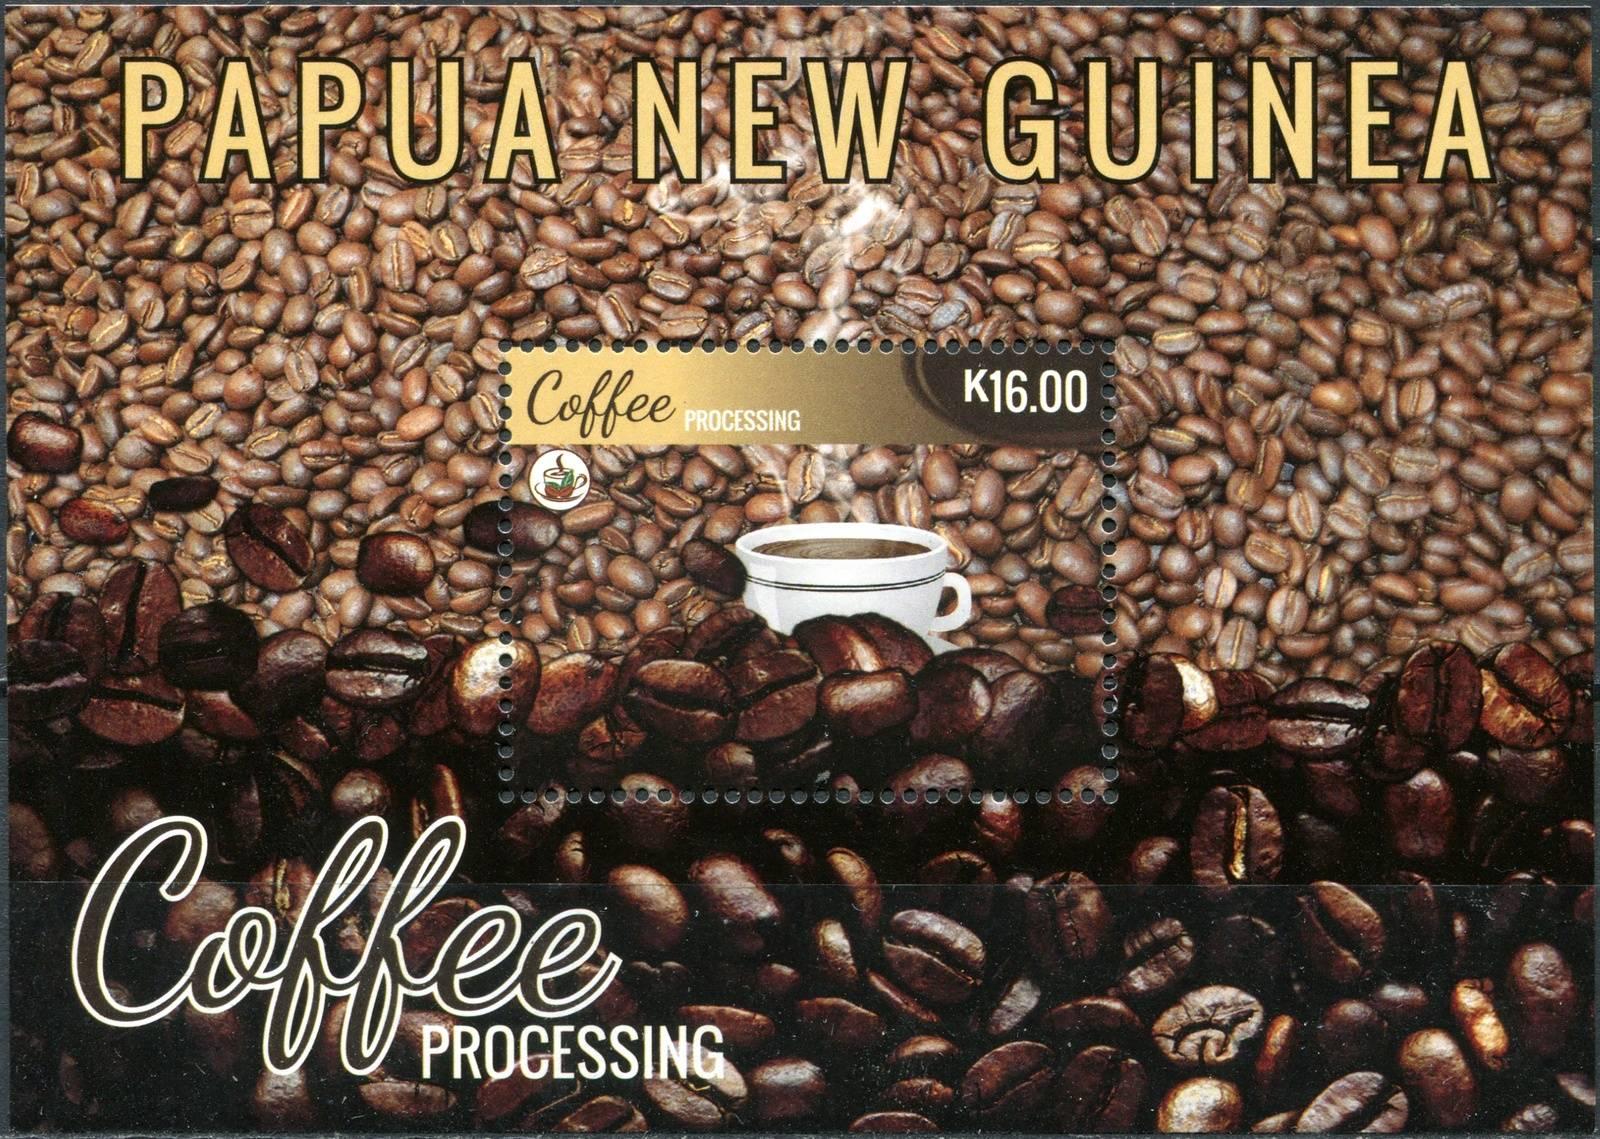 Производство кофе в папуа-новой гвинее вики